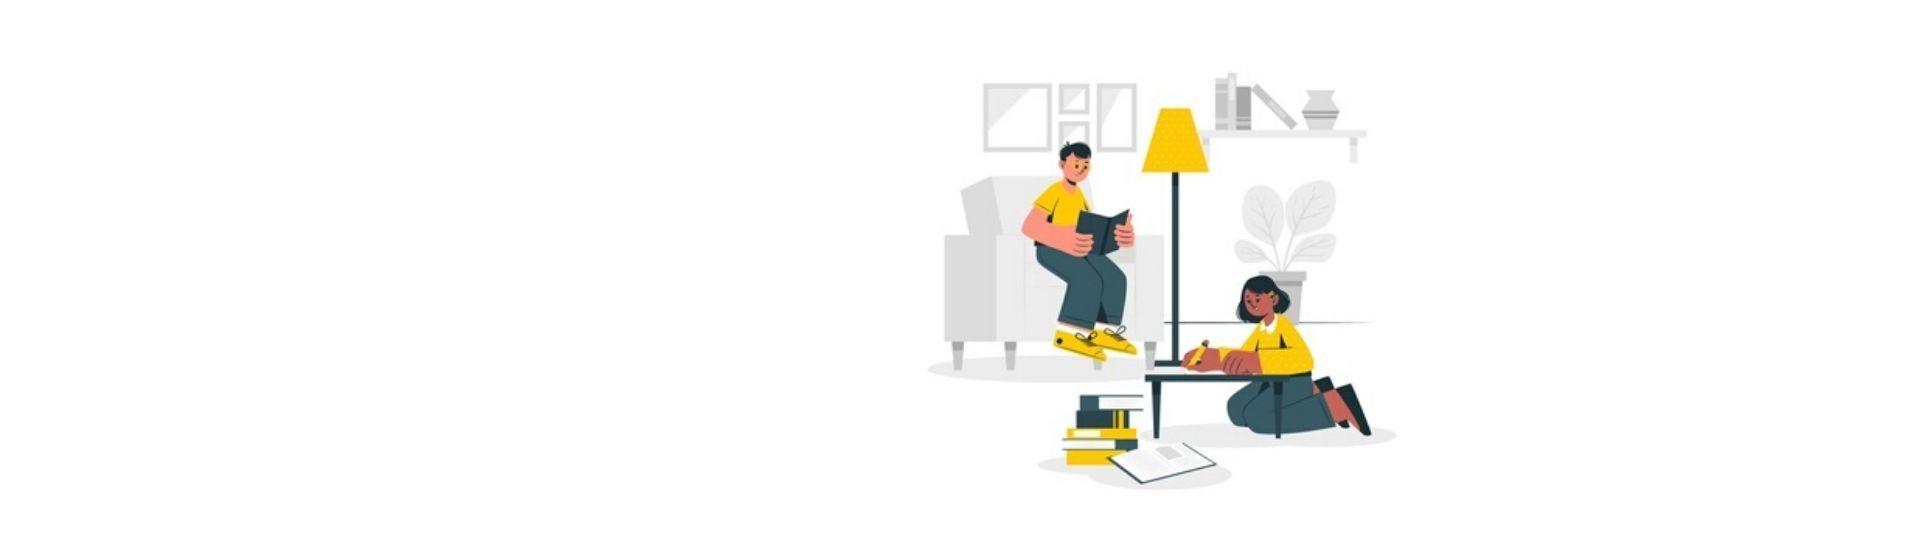 Personas estudiando en casa